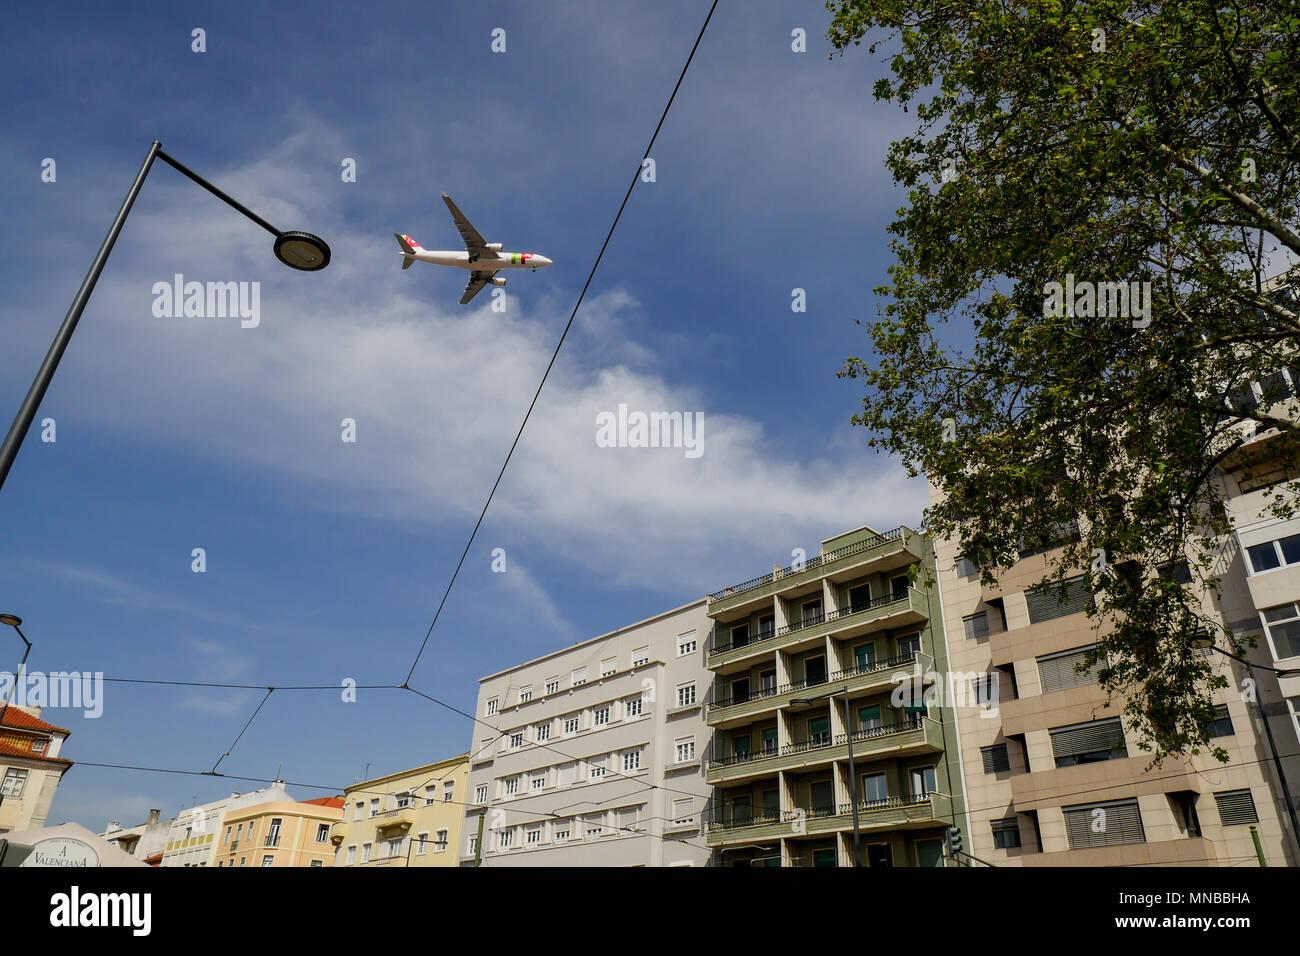 Aterrizar avión vuela a baja altura sobre los tejados de Lisboa, Portugal Imagen De Stock